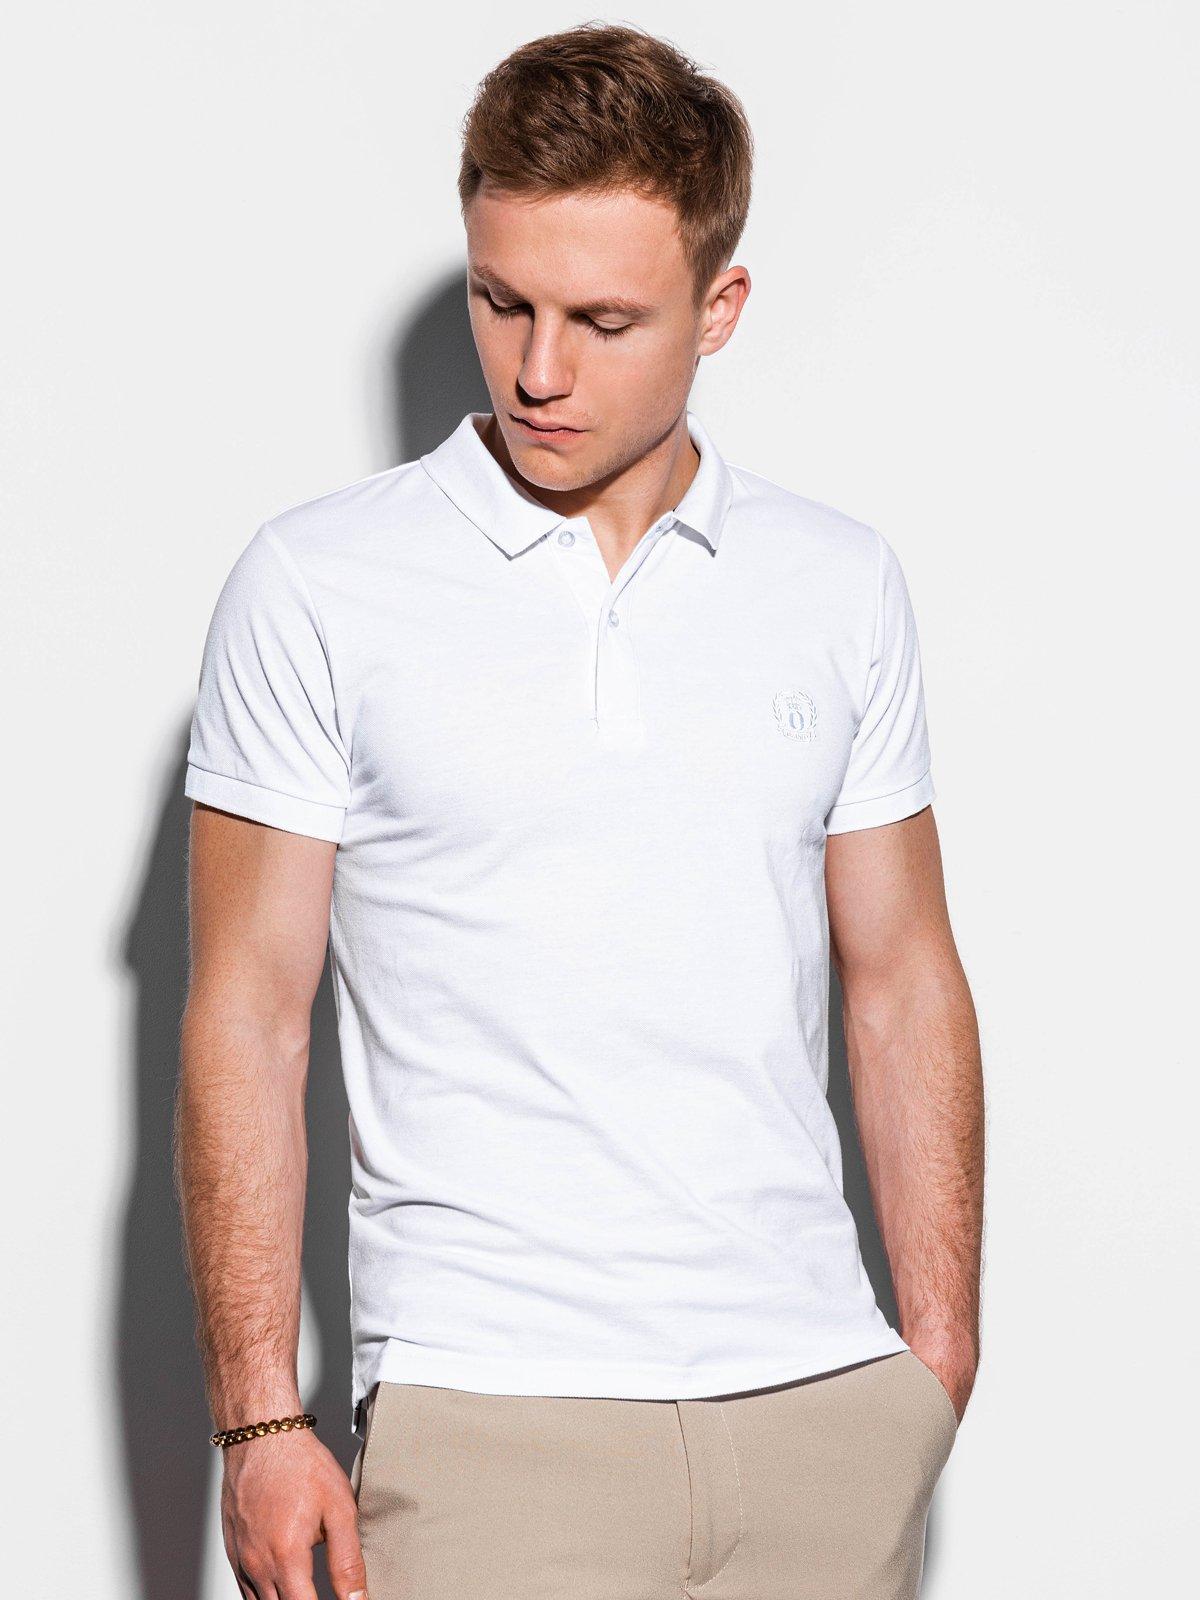 Koszulka męska Polo beznadruku S1048 - biała